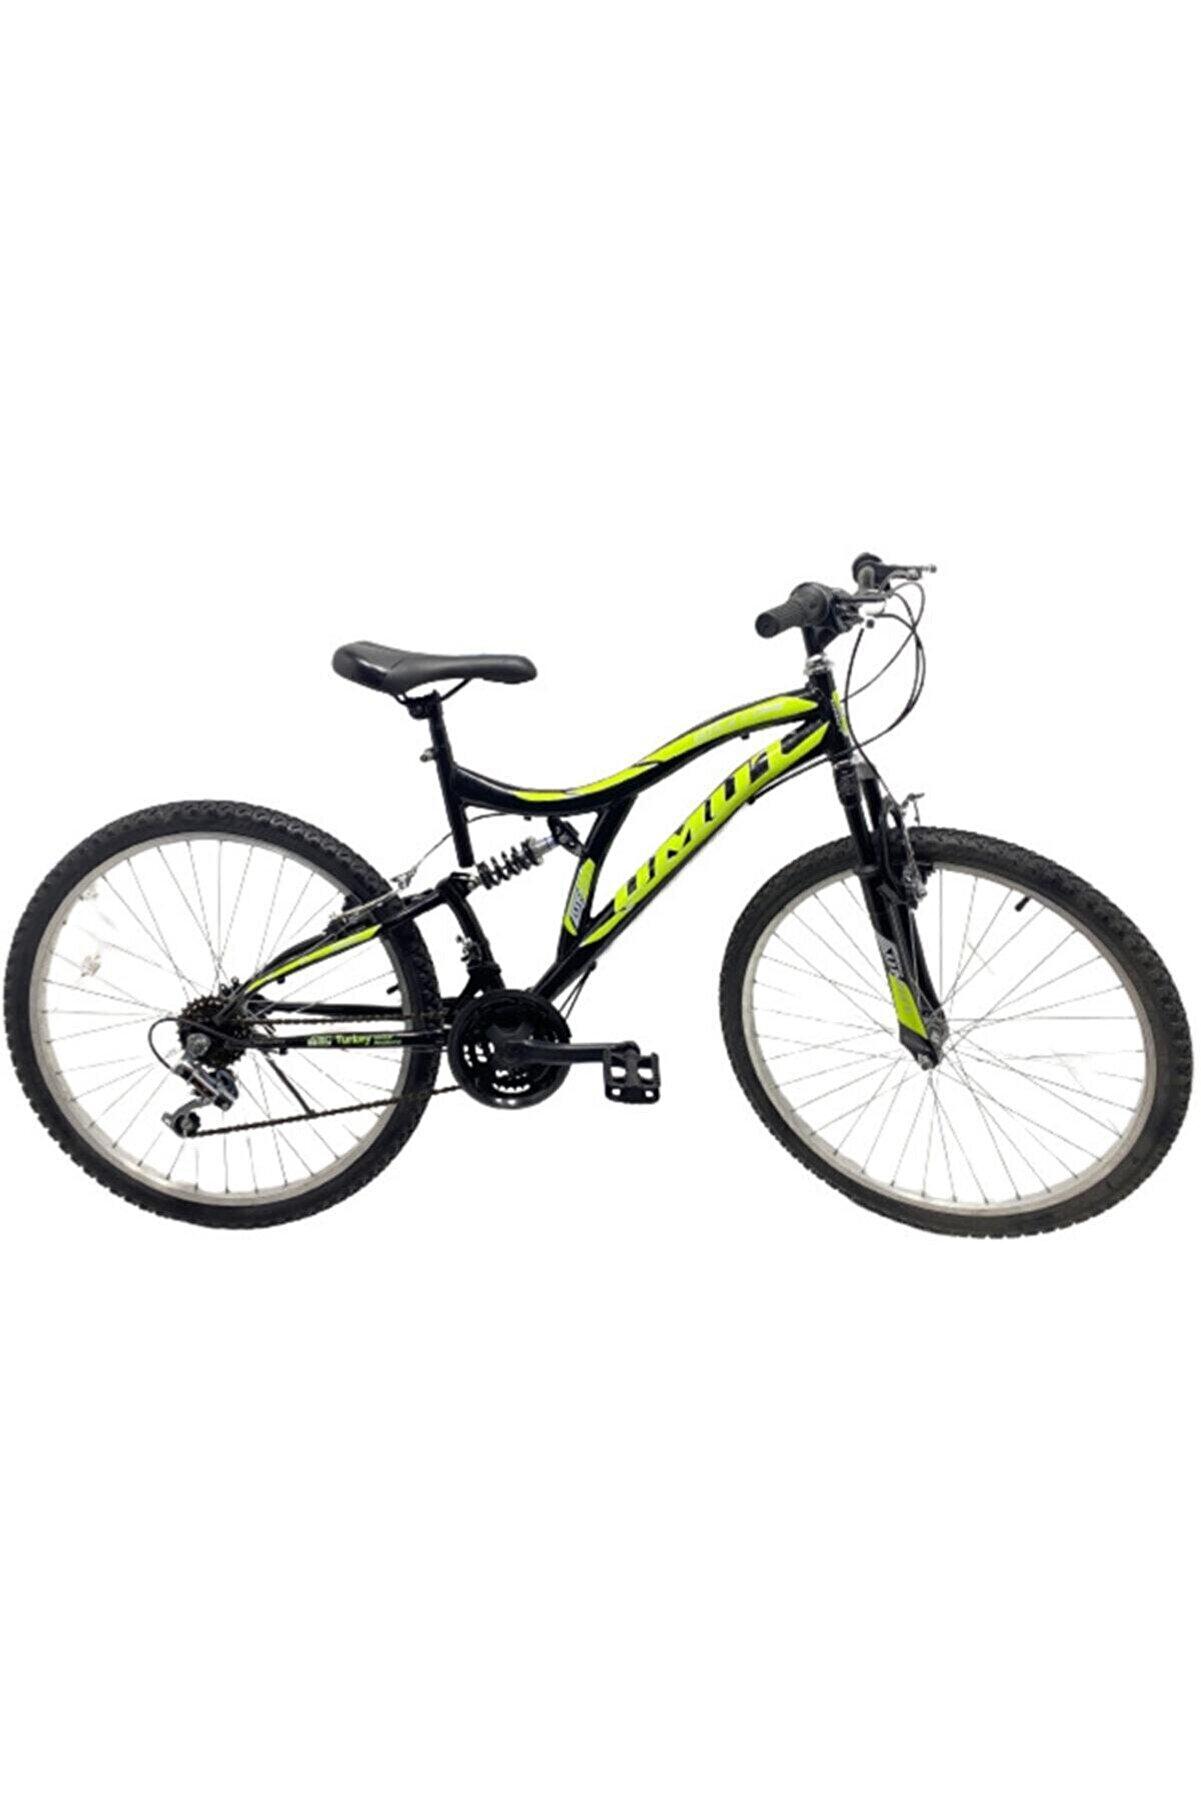 UMUT BİSİKLET 24 Jant Umut Çift Amortisörlü Bisiklet